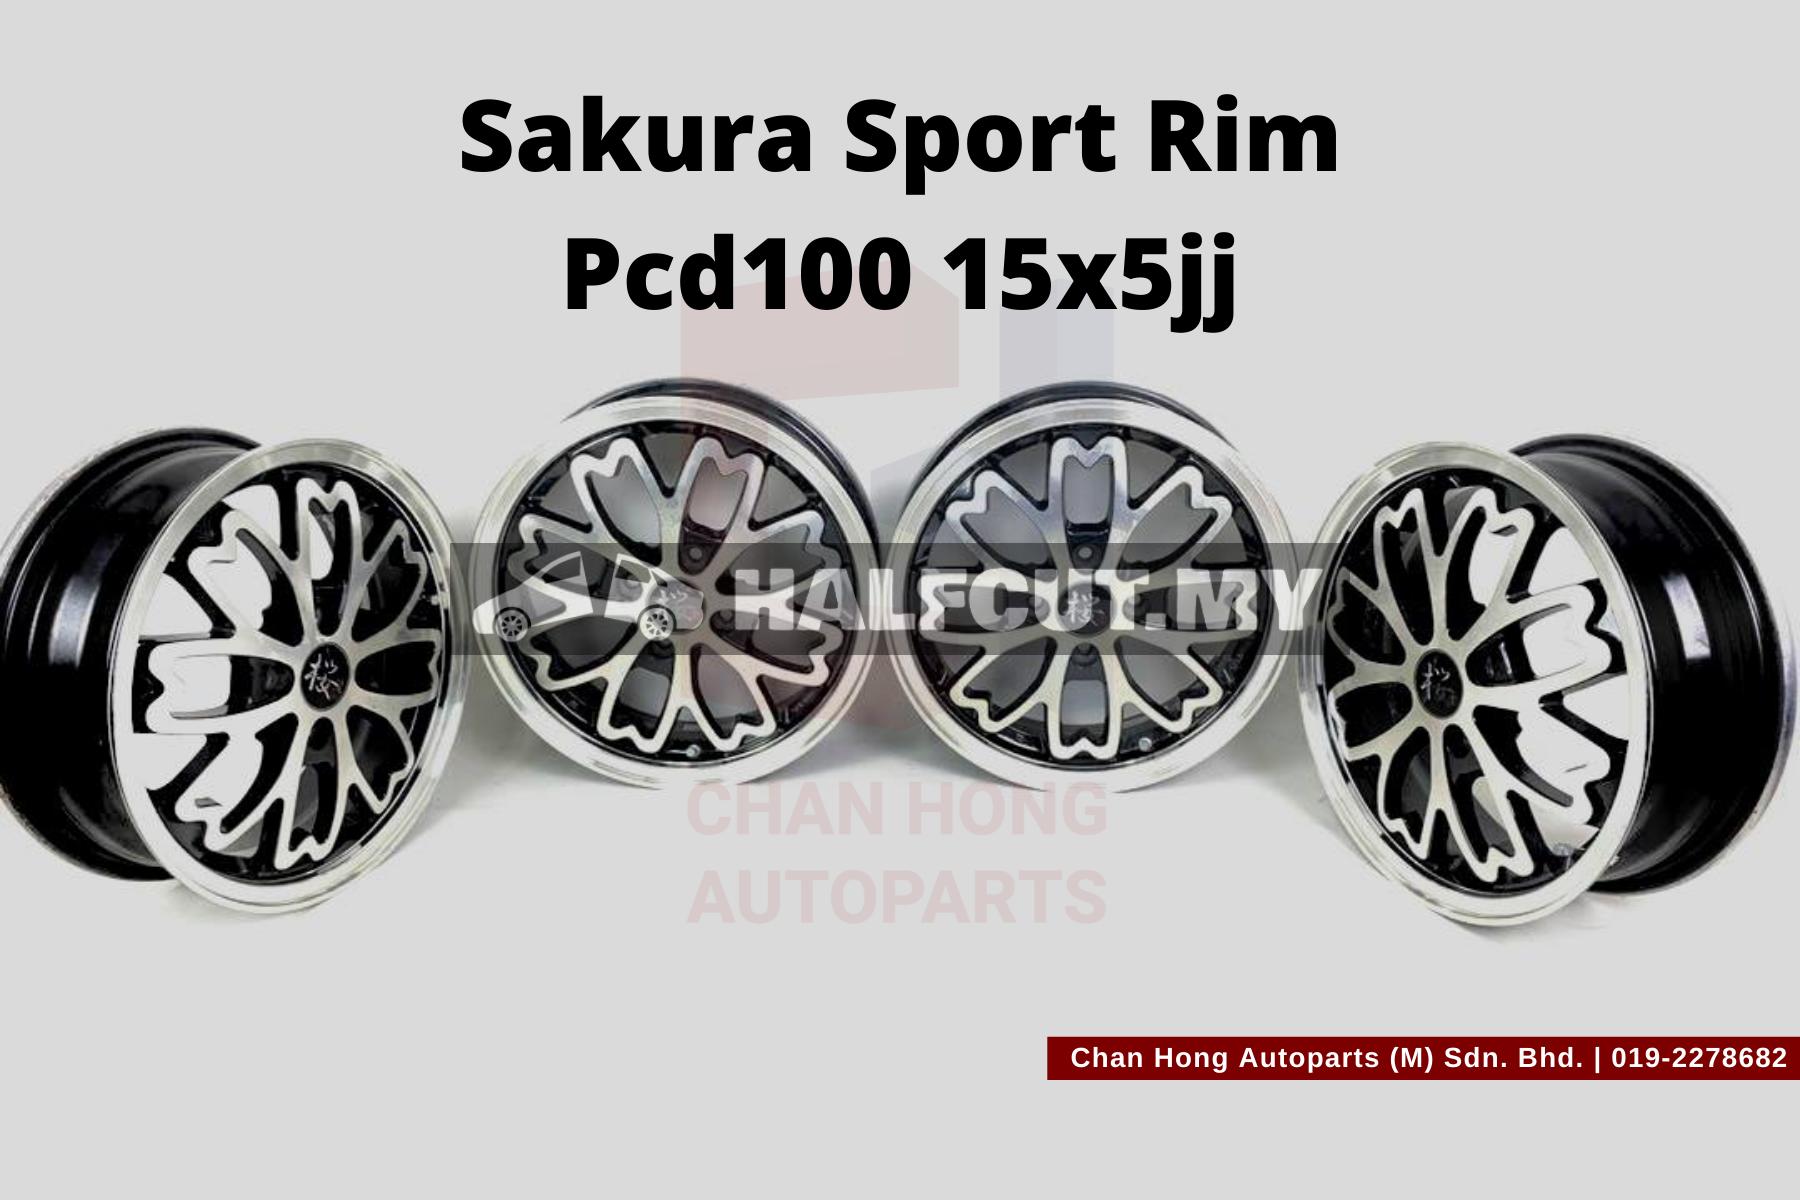 Sakura Sport Rim Pcd100 15x5jj